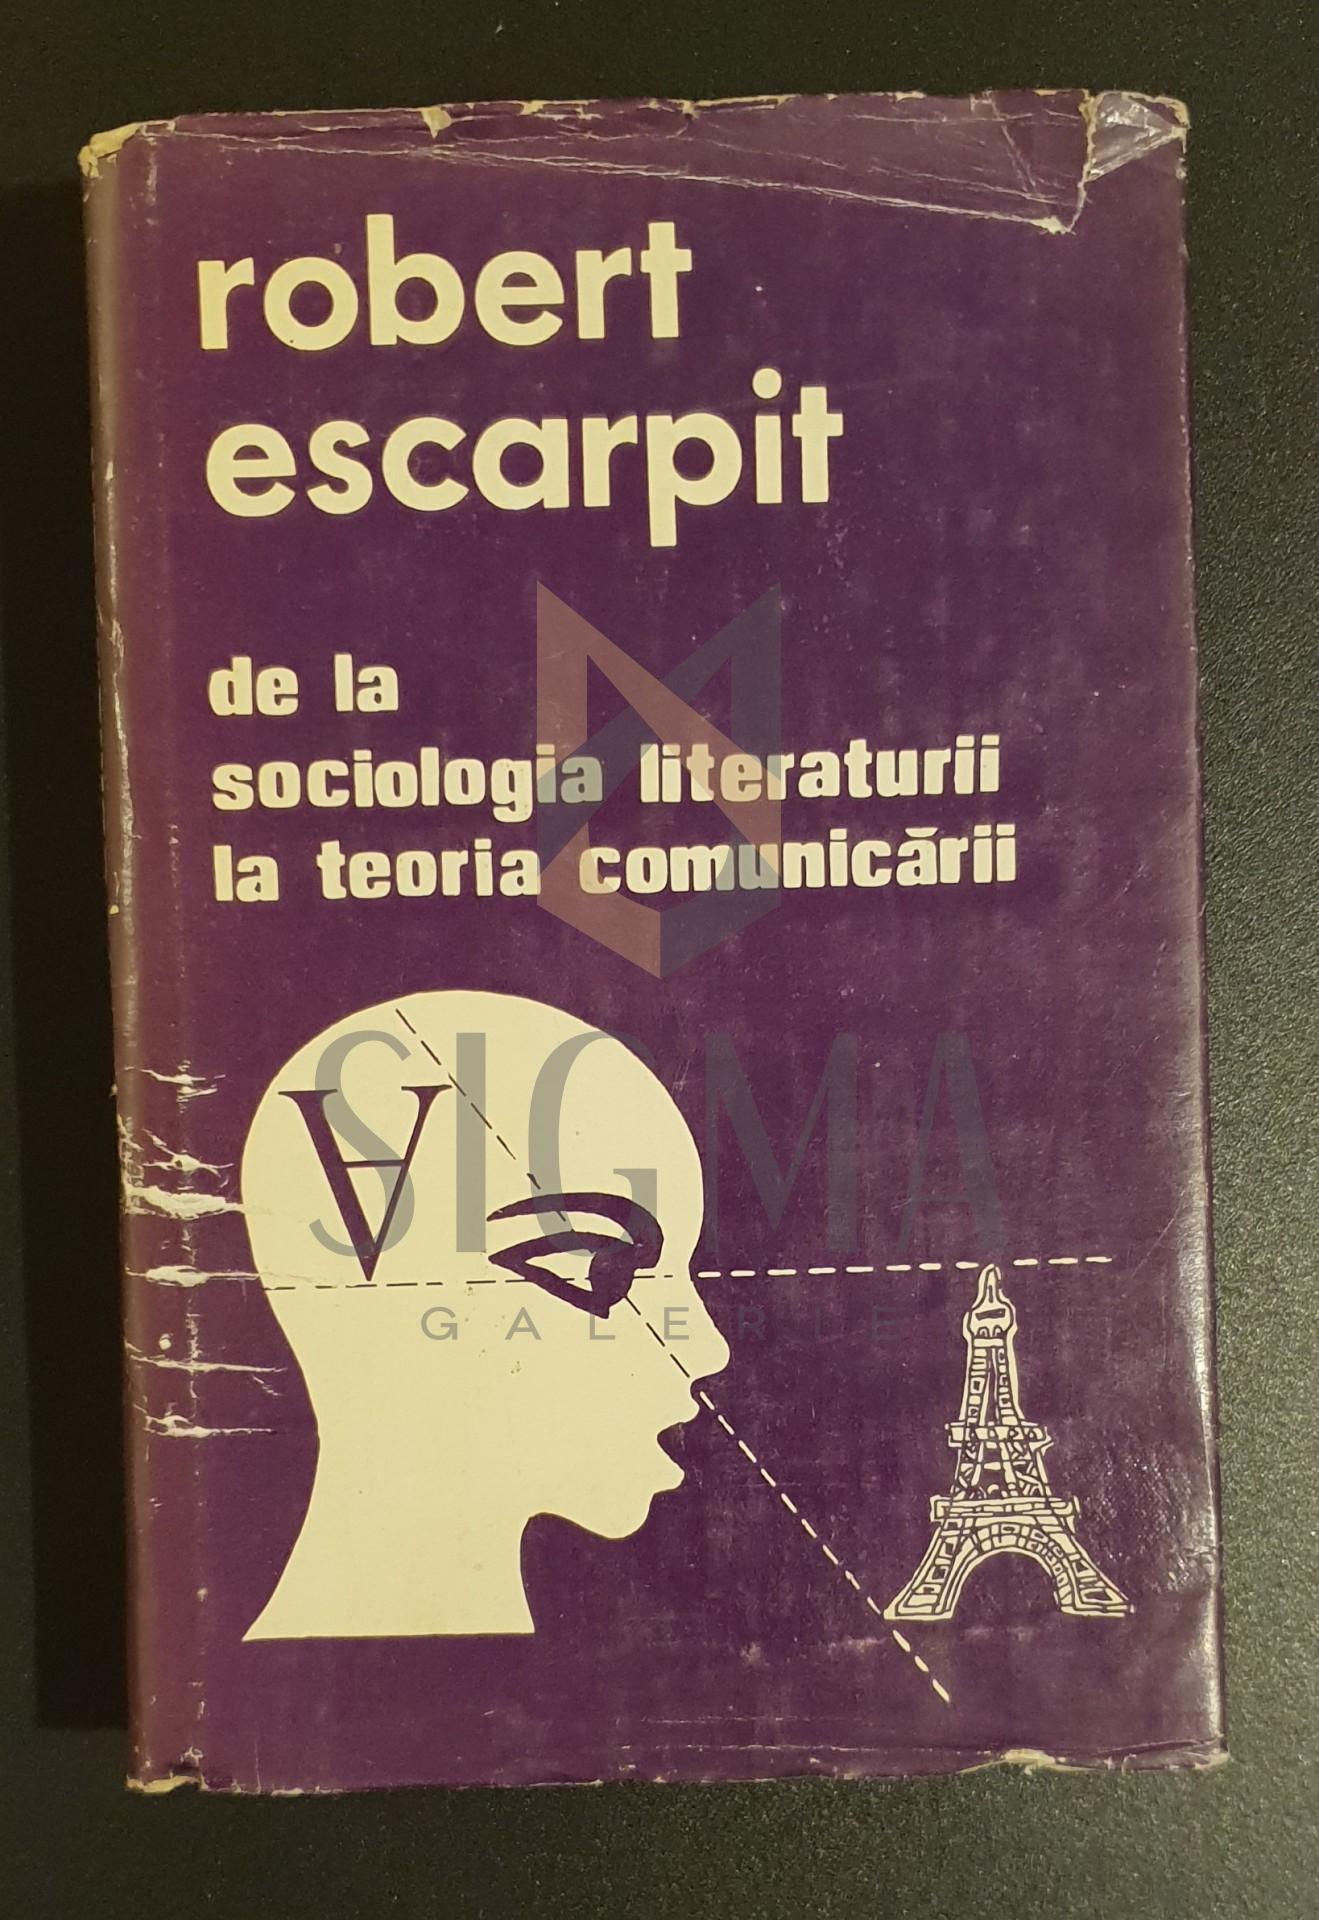 De la sociologia literaturii la teoria comunicarii